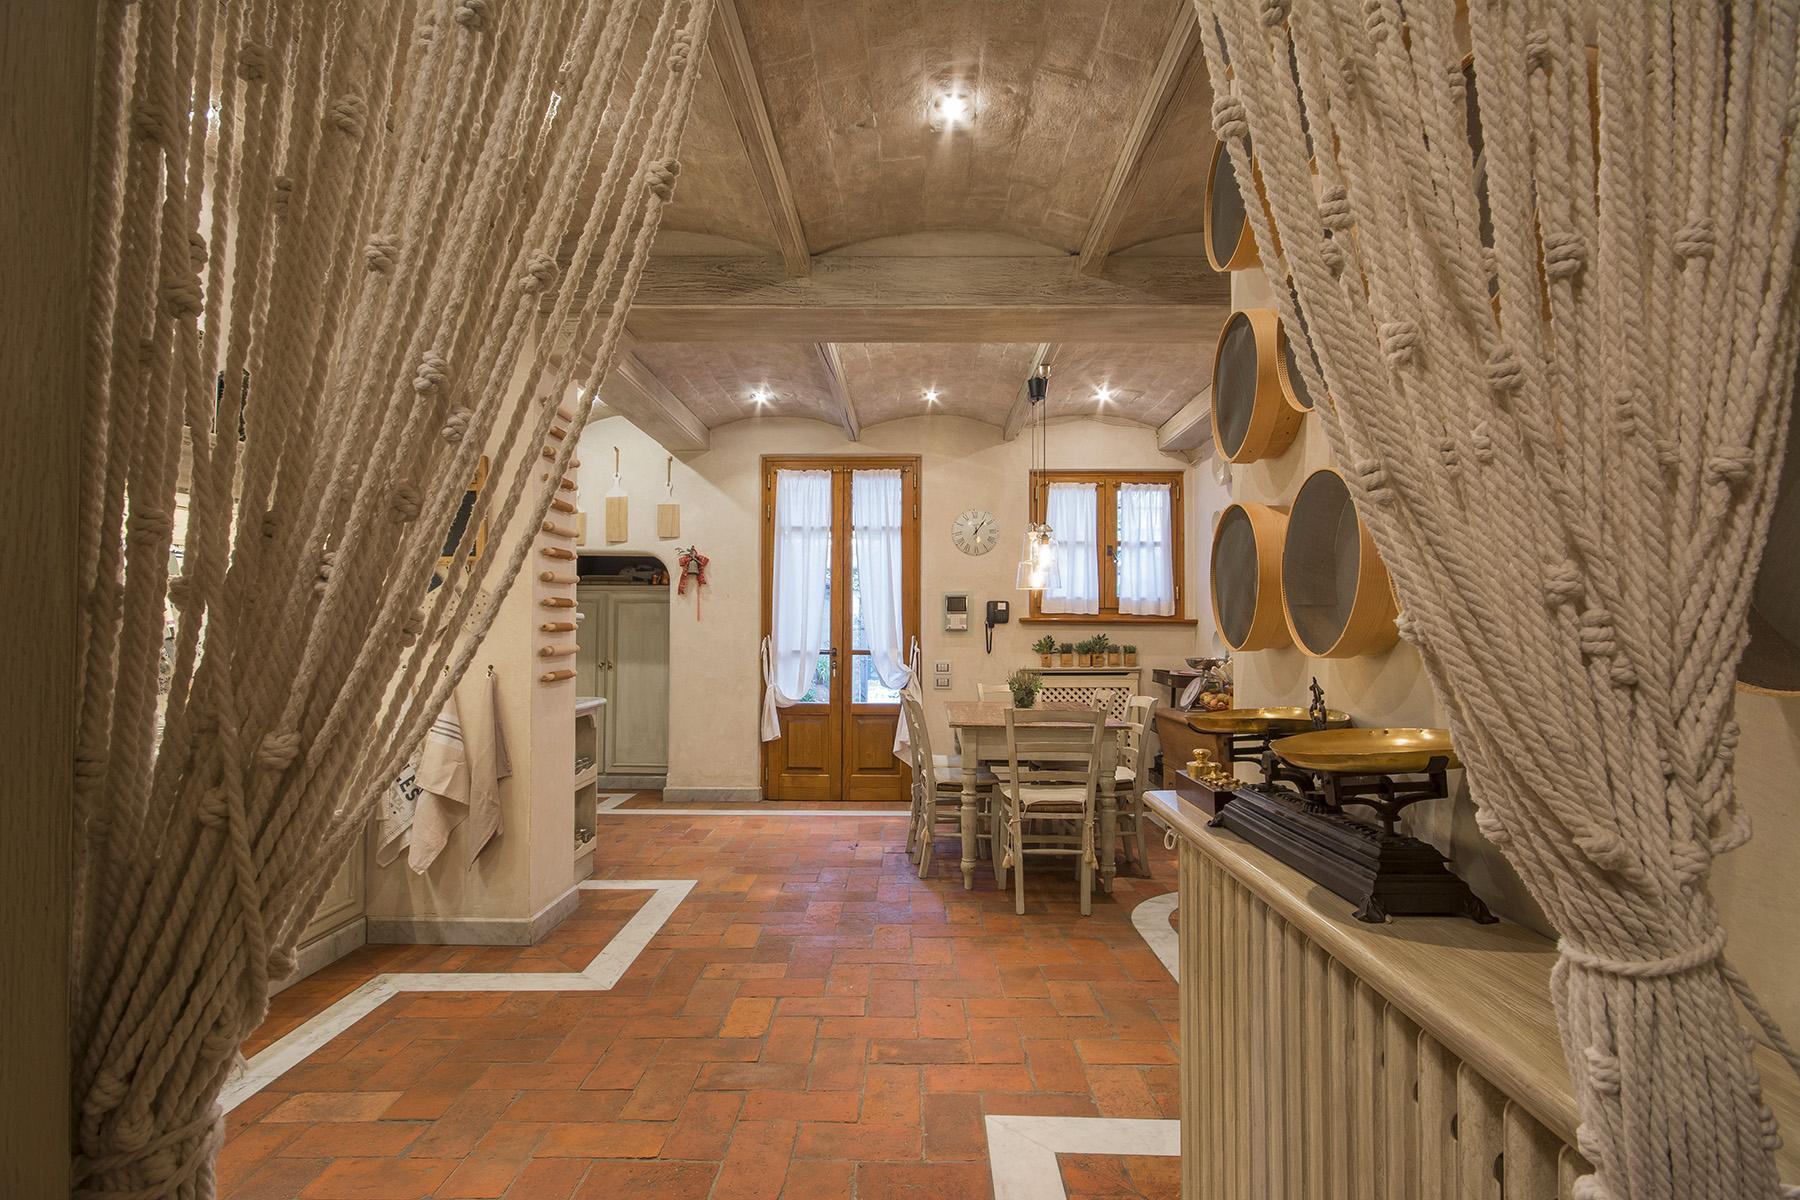 坐落在Marina di Pietrasanta的宏伟建筑 - 31